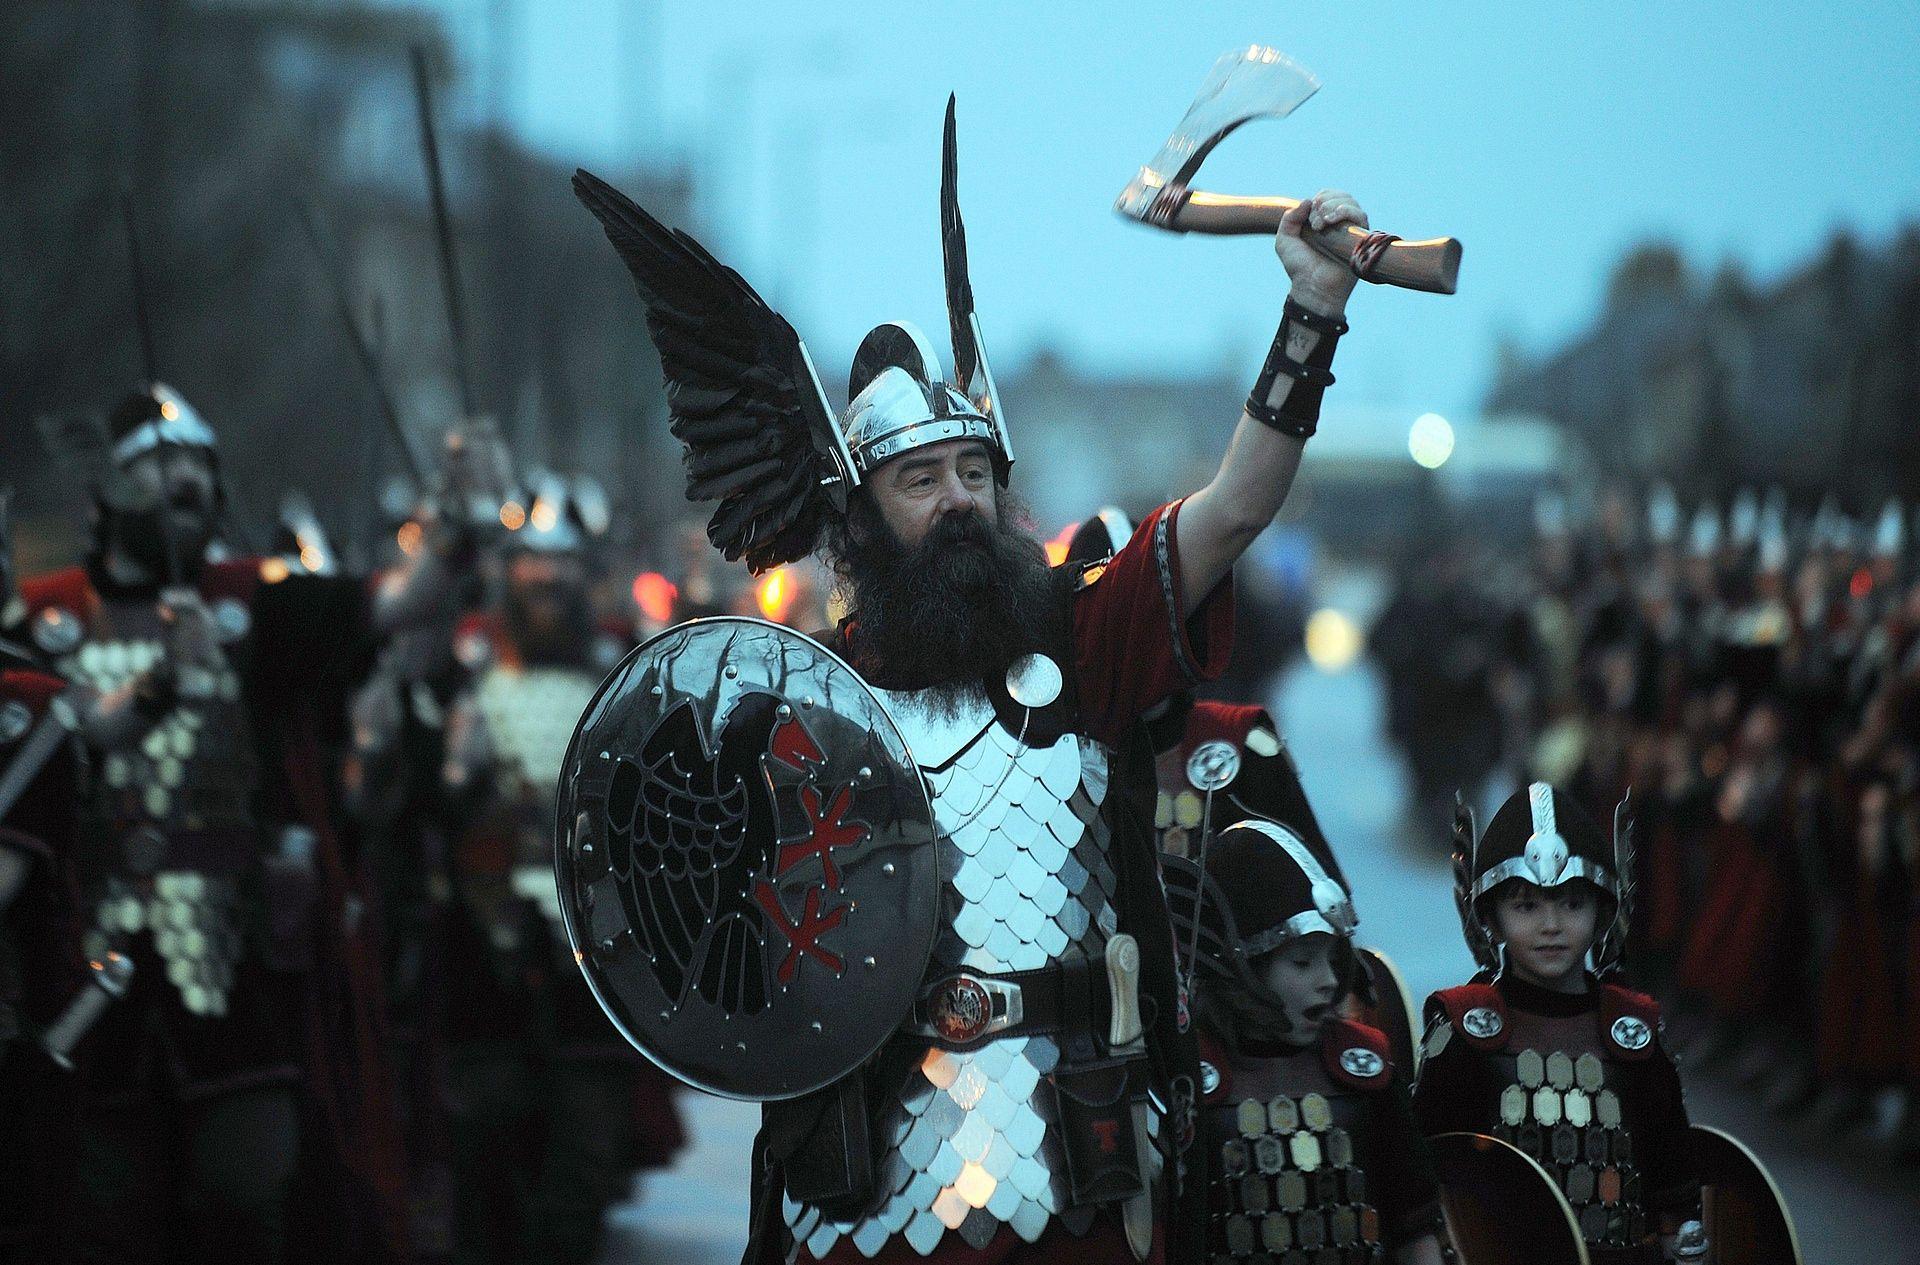 Шествие викингов на улицах Леруика.